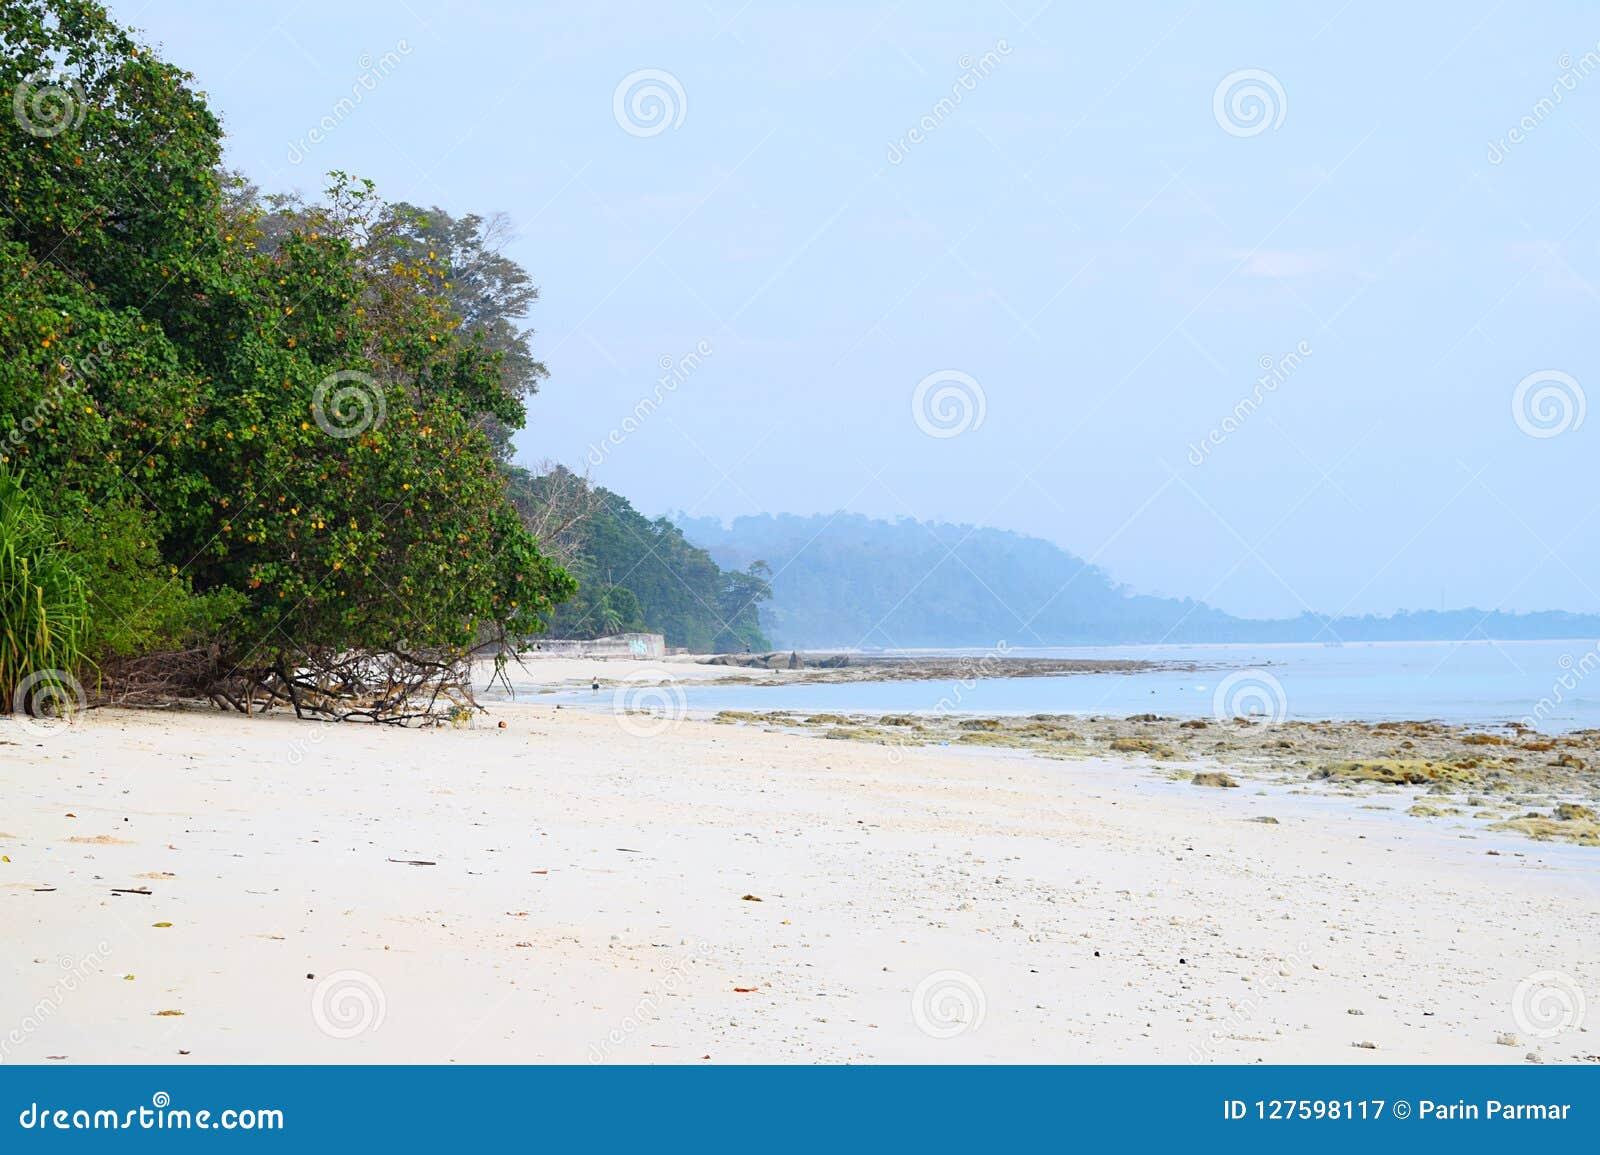 Παλιή και ήρεμη άσπρη αμμώδης παραλία με τα δέντρα μαγγροβίων με το κυανό θαλάσσιο νερό και το σαφή ουρανό - Kalapathar, Havelock